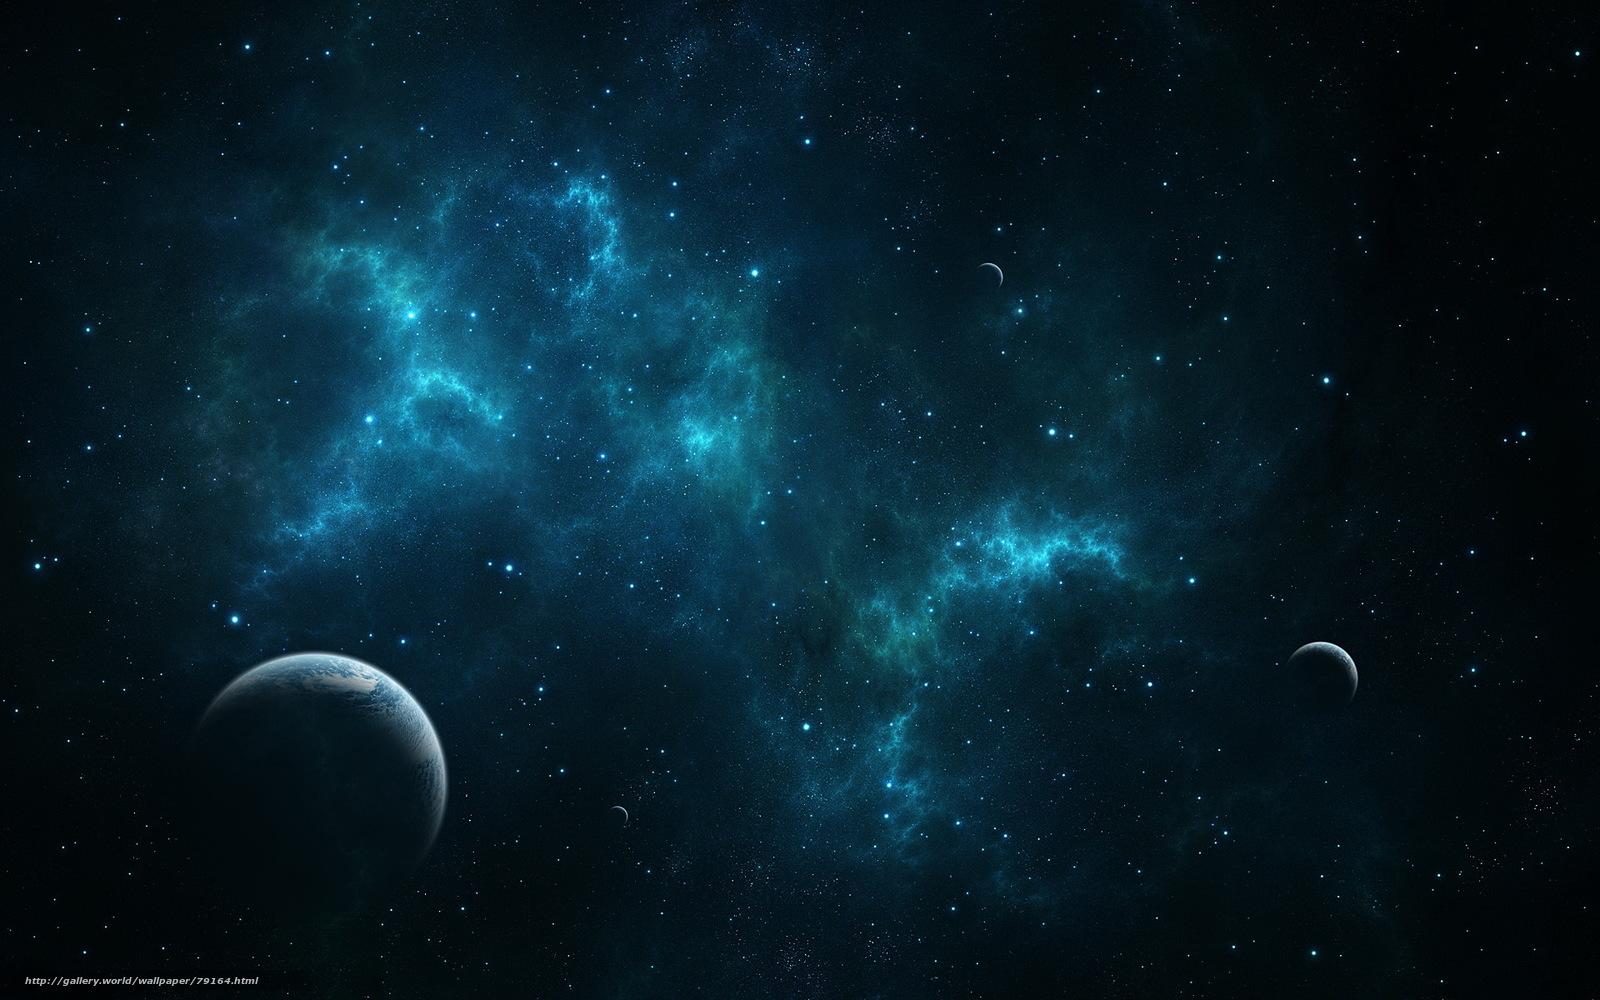 Scaricare gli sfondi universo pianeta stella sfondi for Sfondi desktop universo